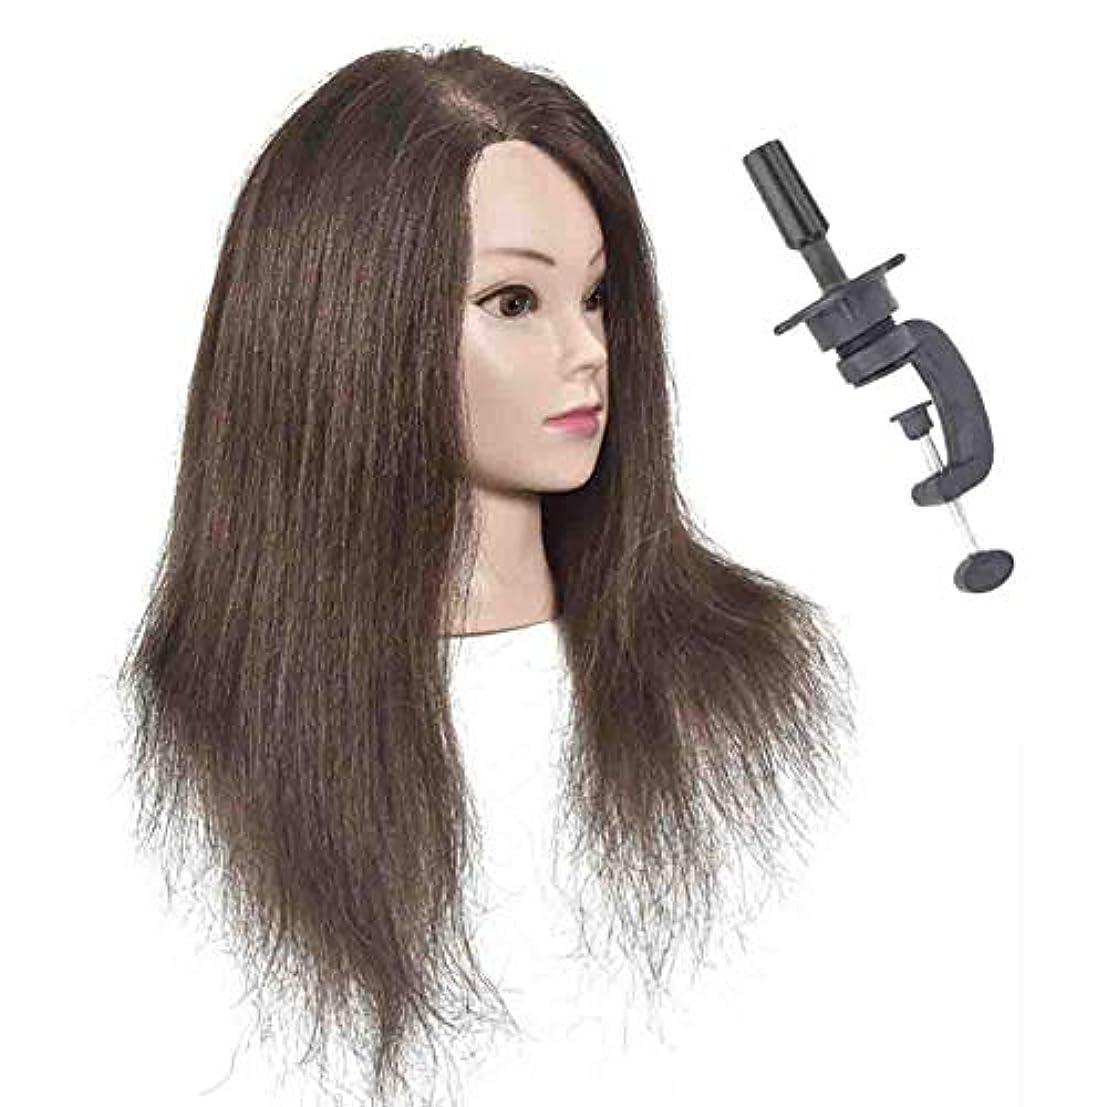 体系的に革命クレーターリアルヘアワイヤーヘアティーチングヘッドパーマヘアウィービングヘアモデルヘアダイイング理髪ダミーヘッドモデル